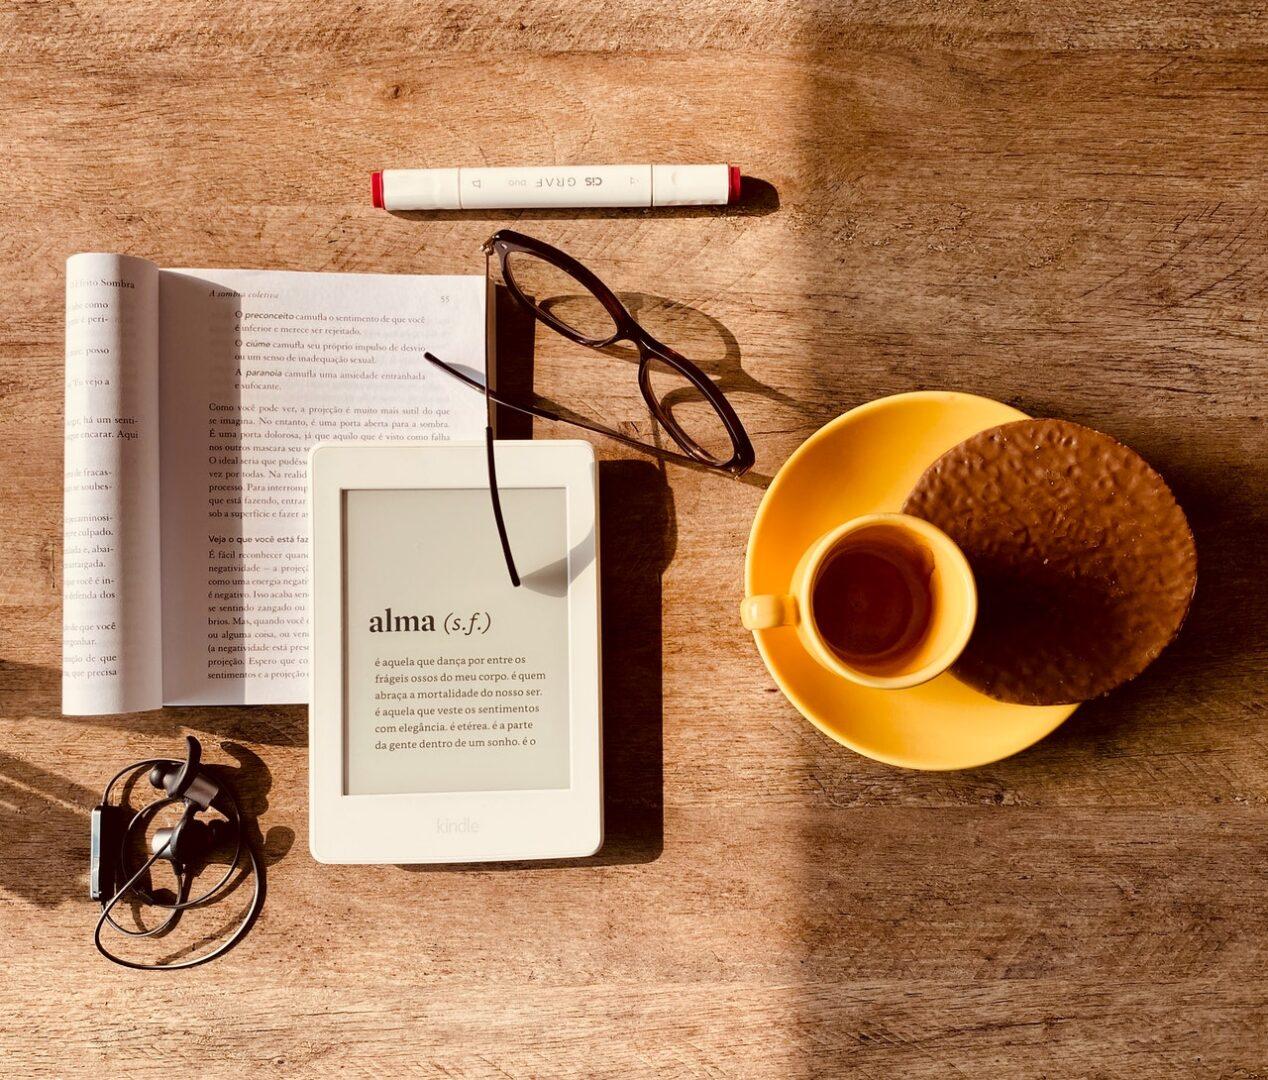 E-knjige so boljše za zdravje oči.